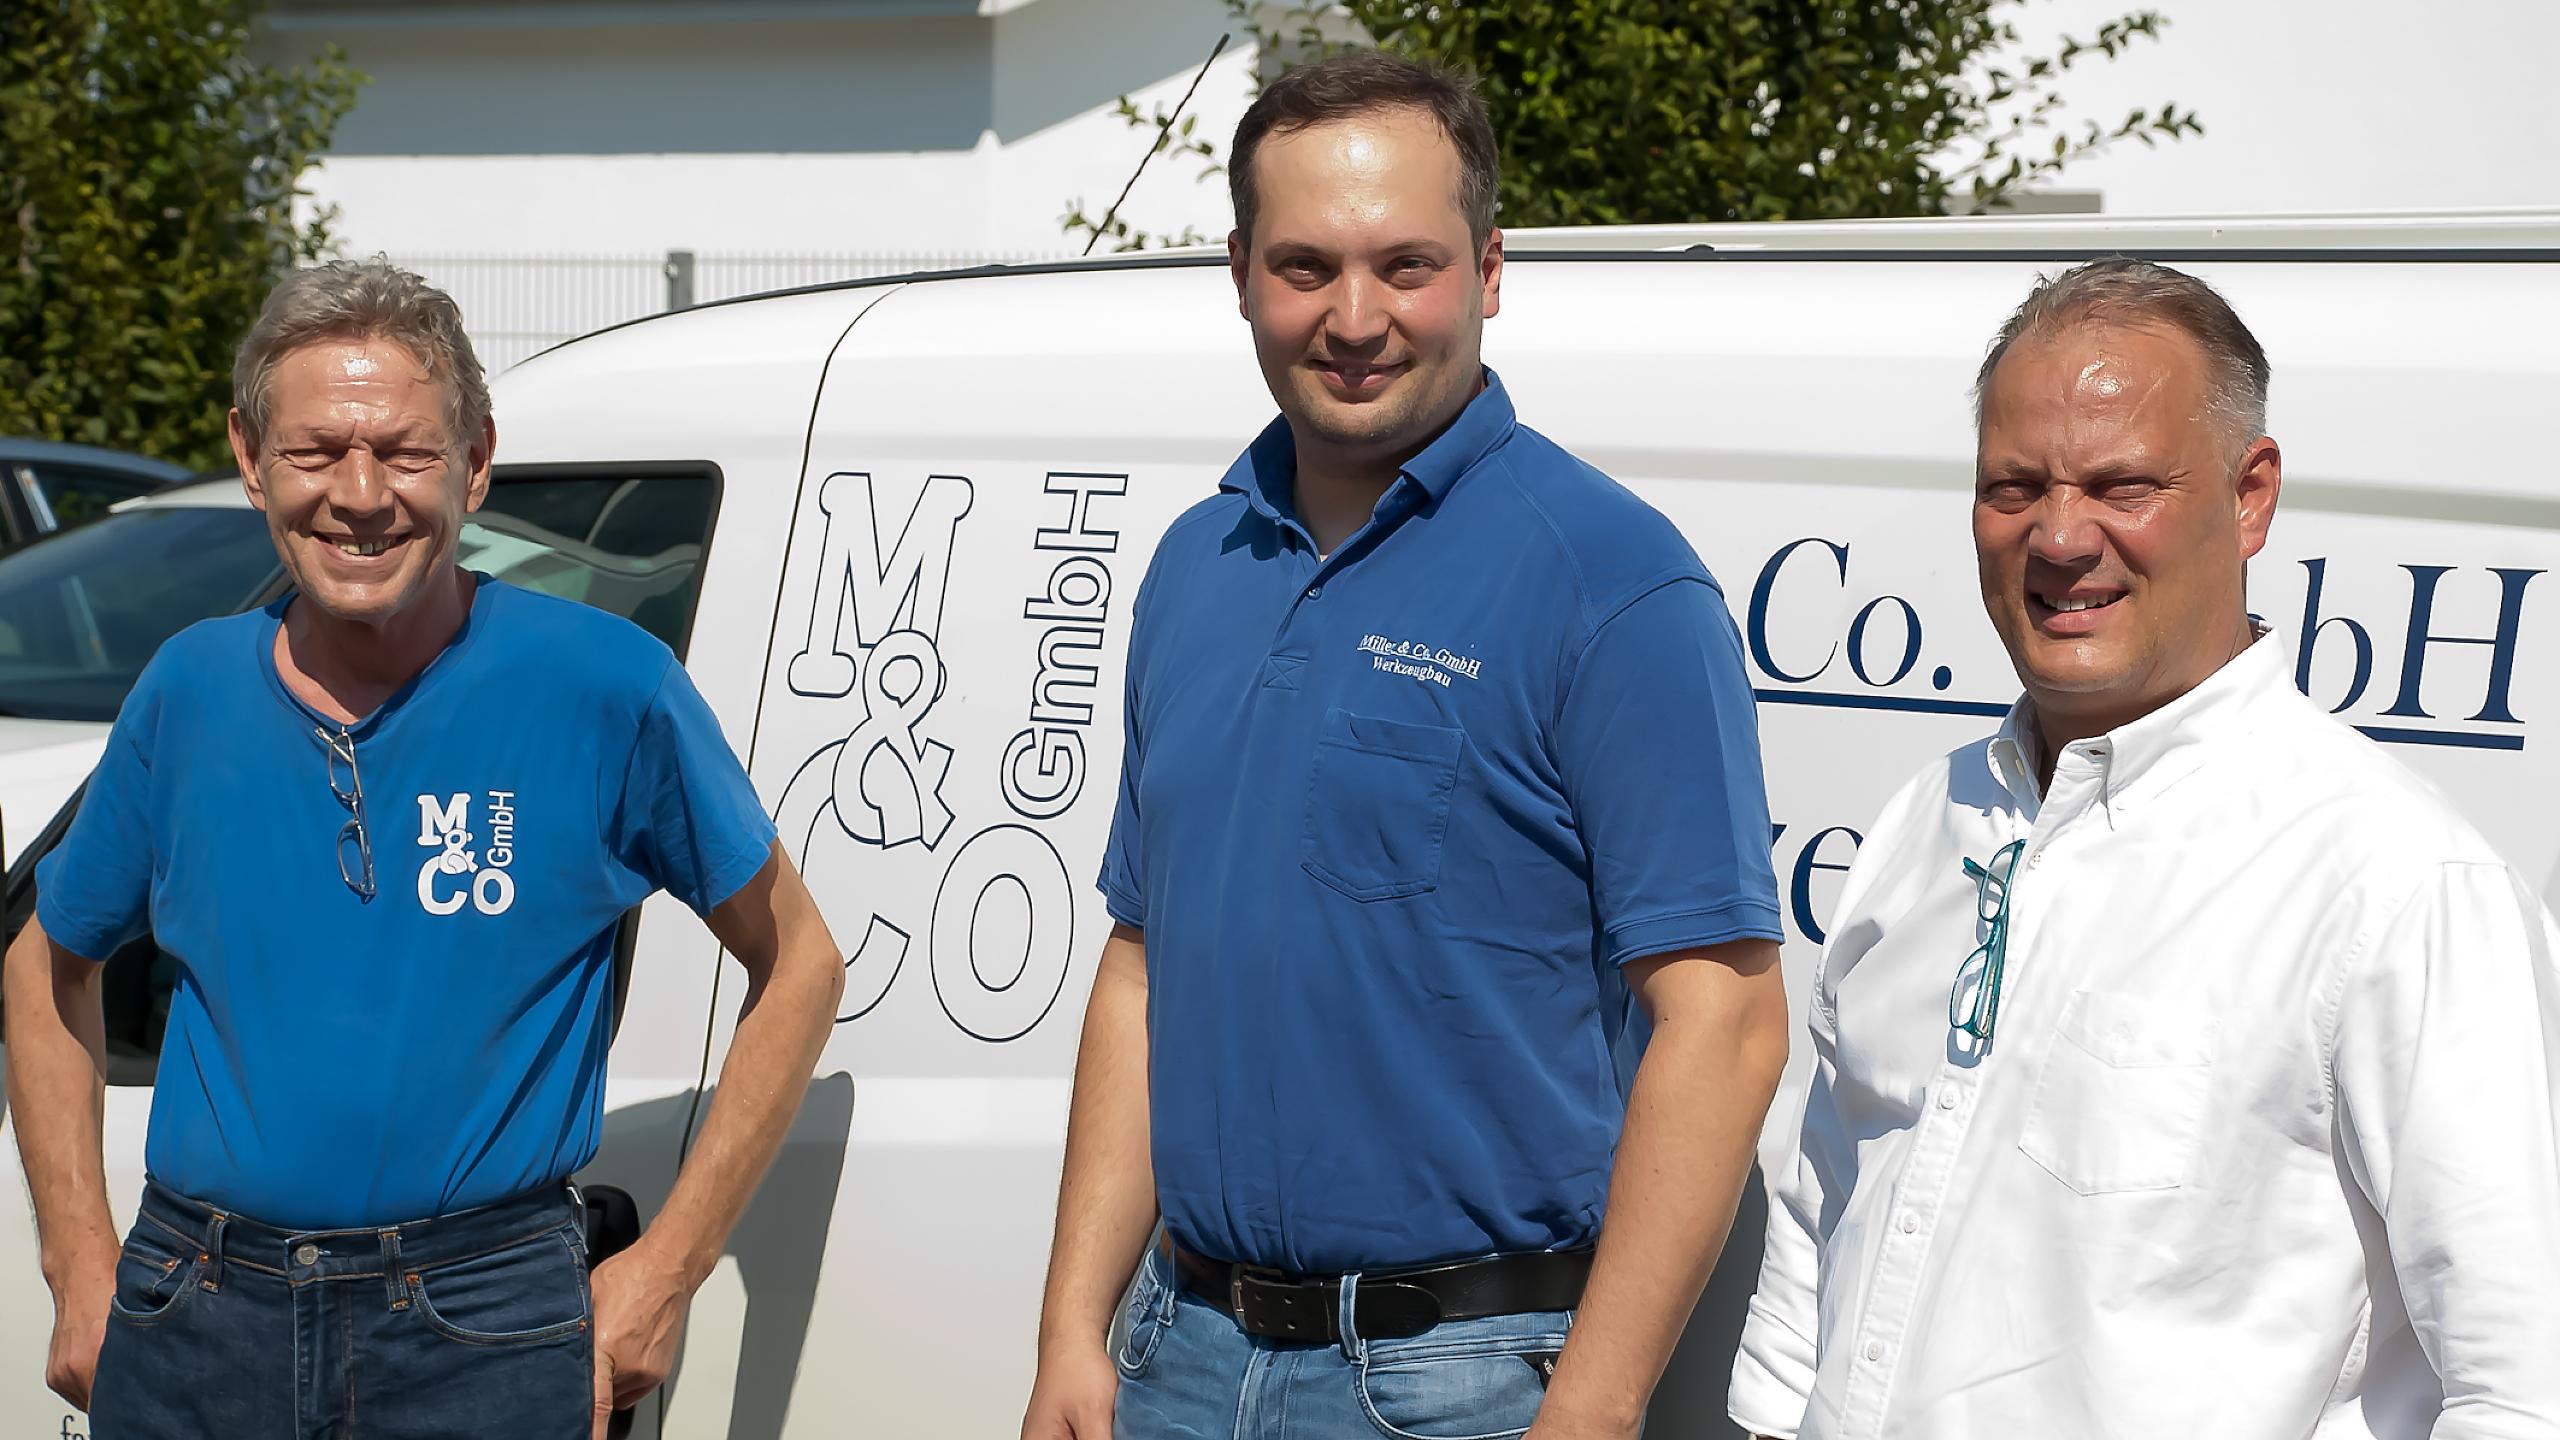 Miller & Co GmbH